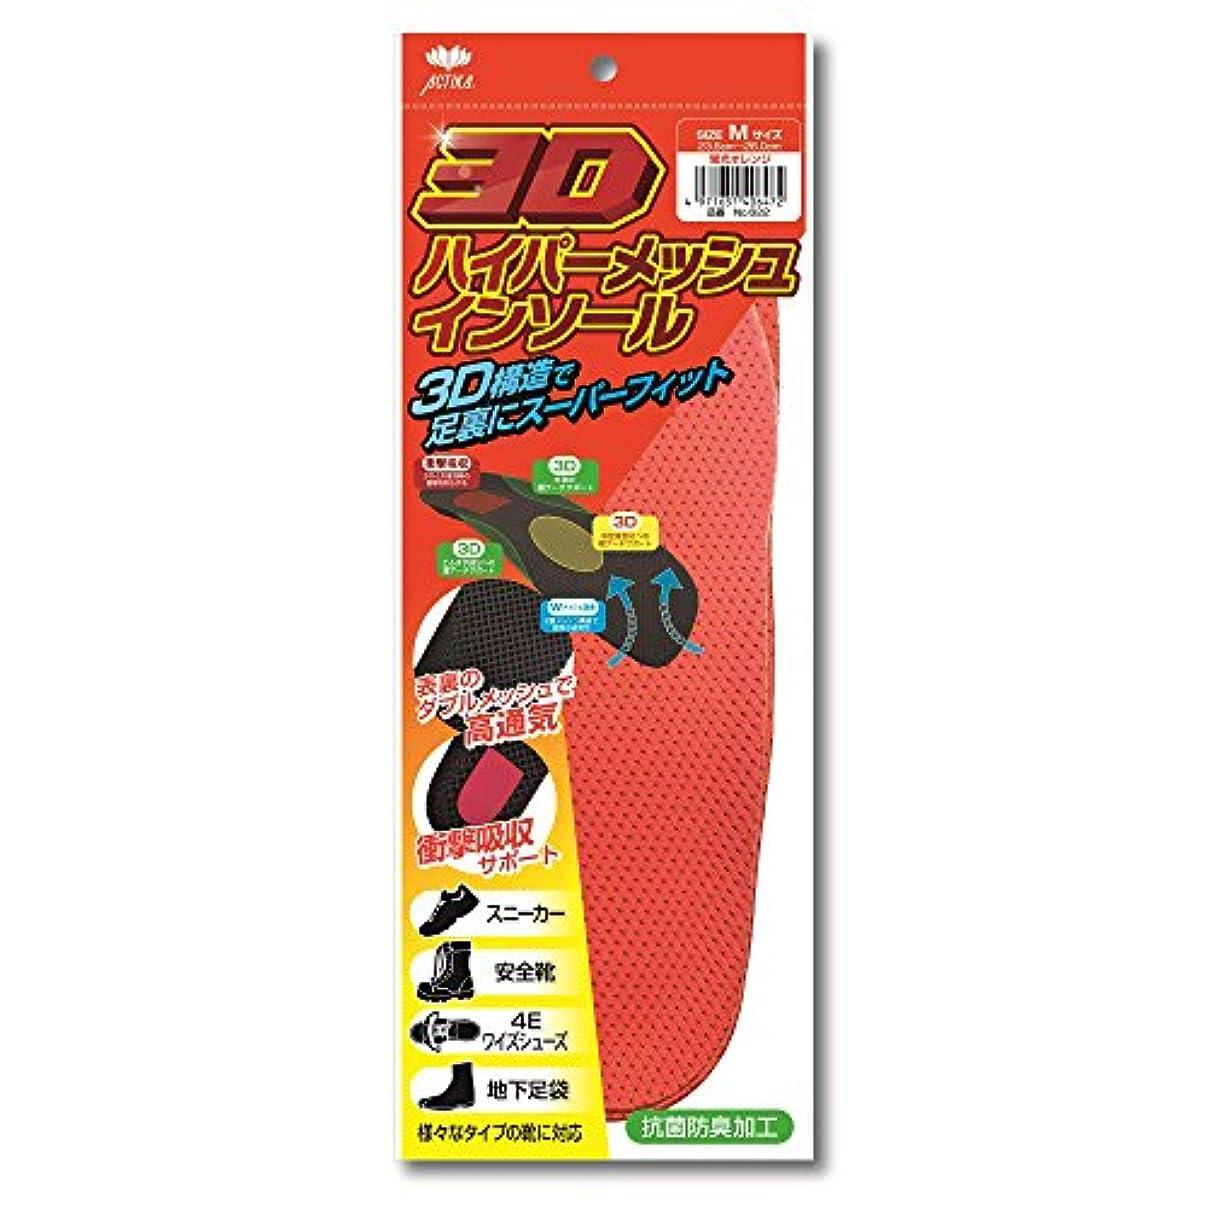 やろうマイコンシルクアクティカ 3Dハイパーメッシュインソール オレンジ 男性用 No.622 L(26.0~28.0cm)